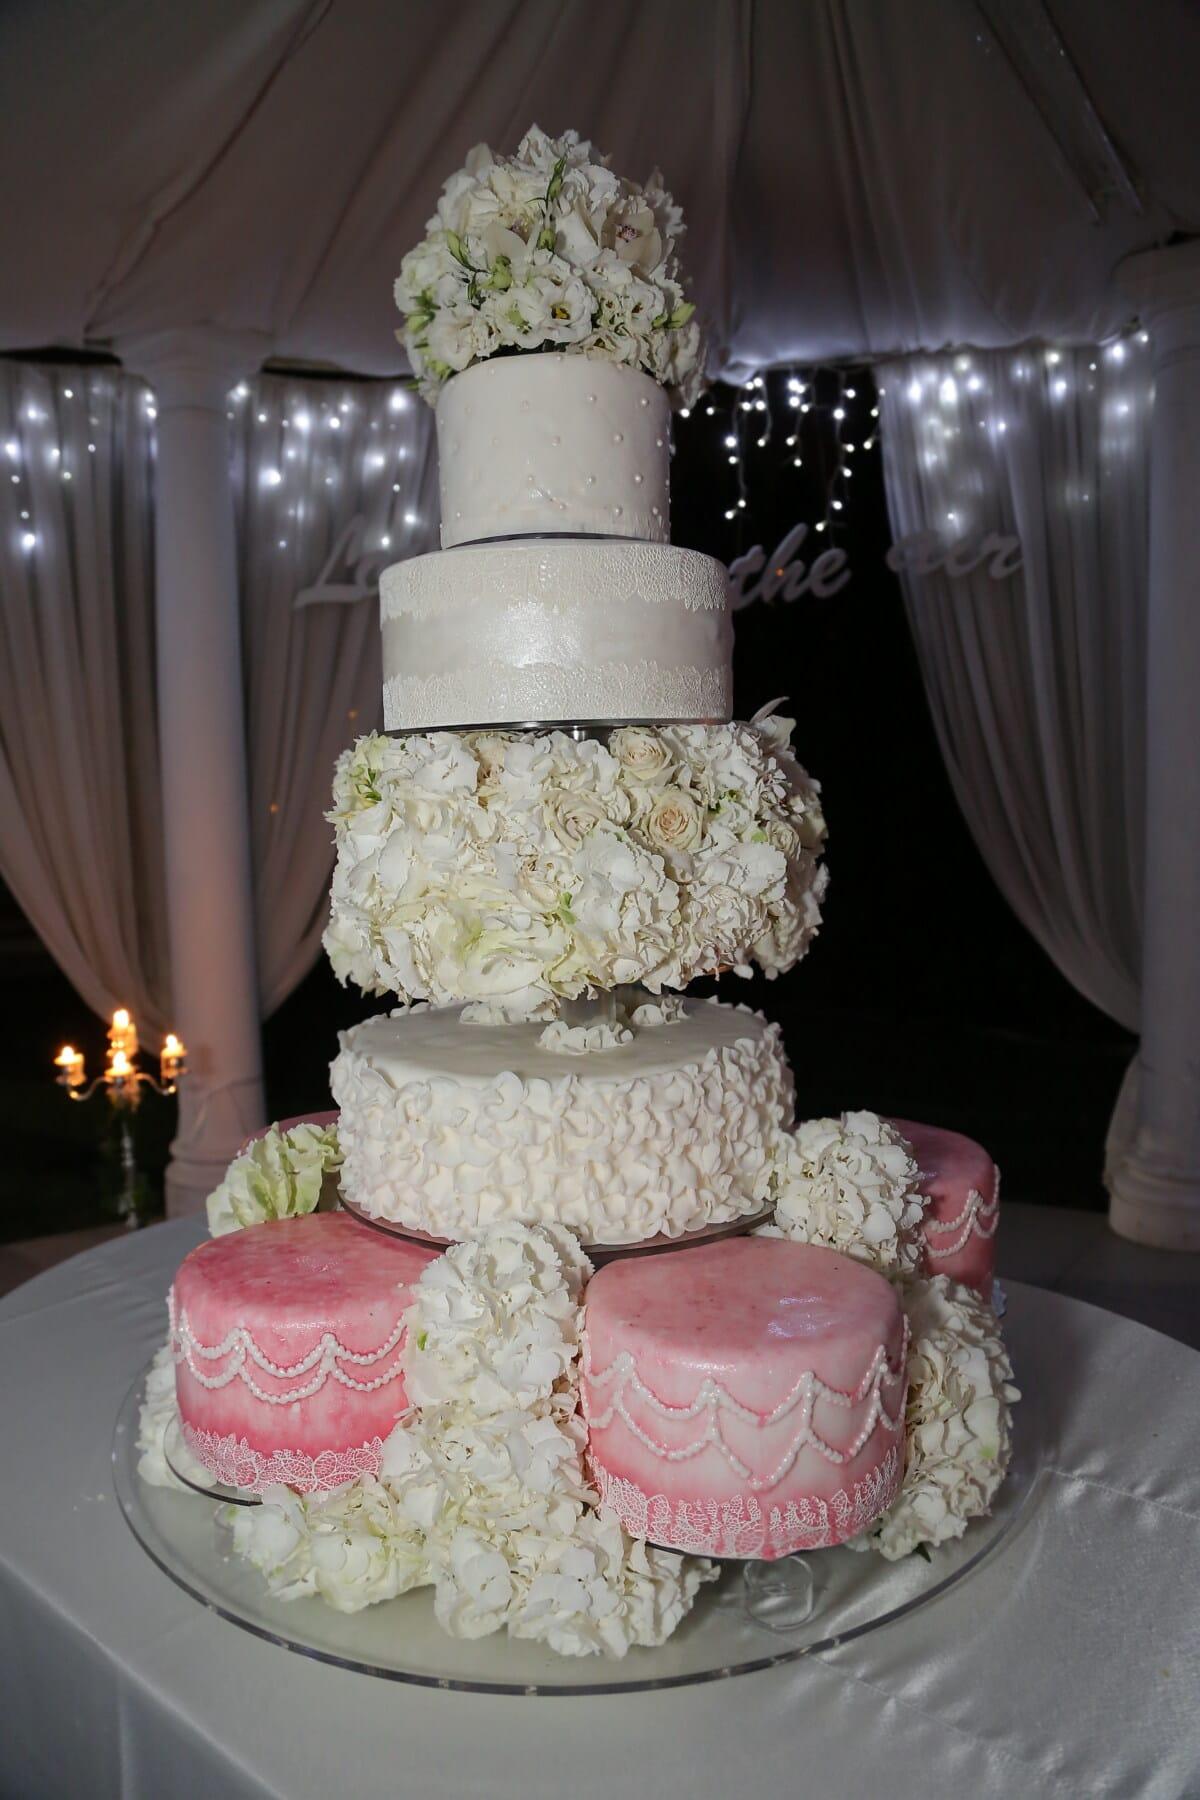 Hochzeitstorte, Groß, Hochzeitsort, Hotel, Eleganz, Dekoration, Hochzeit, Blume, Liebe, Zeremonie